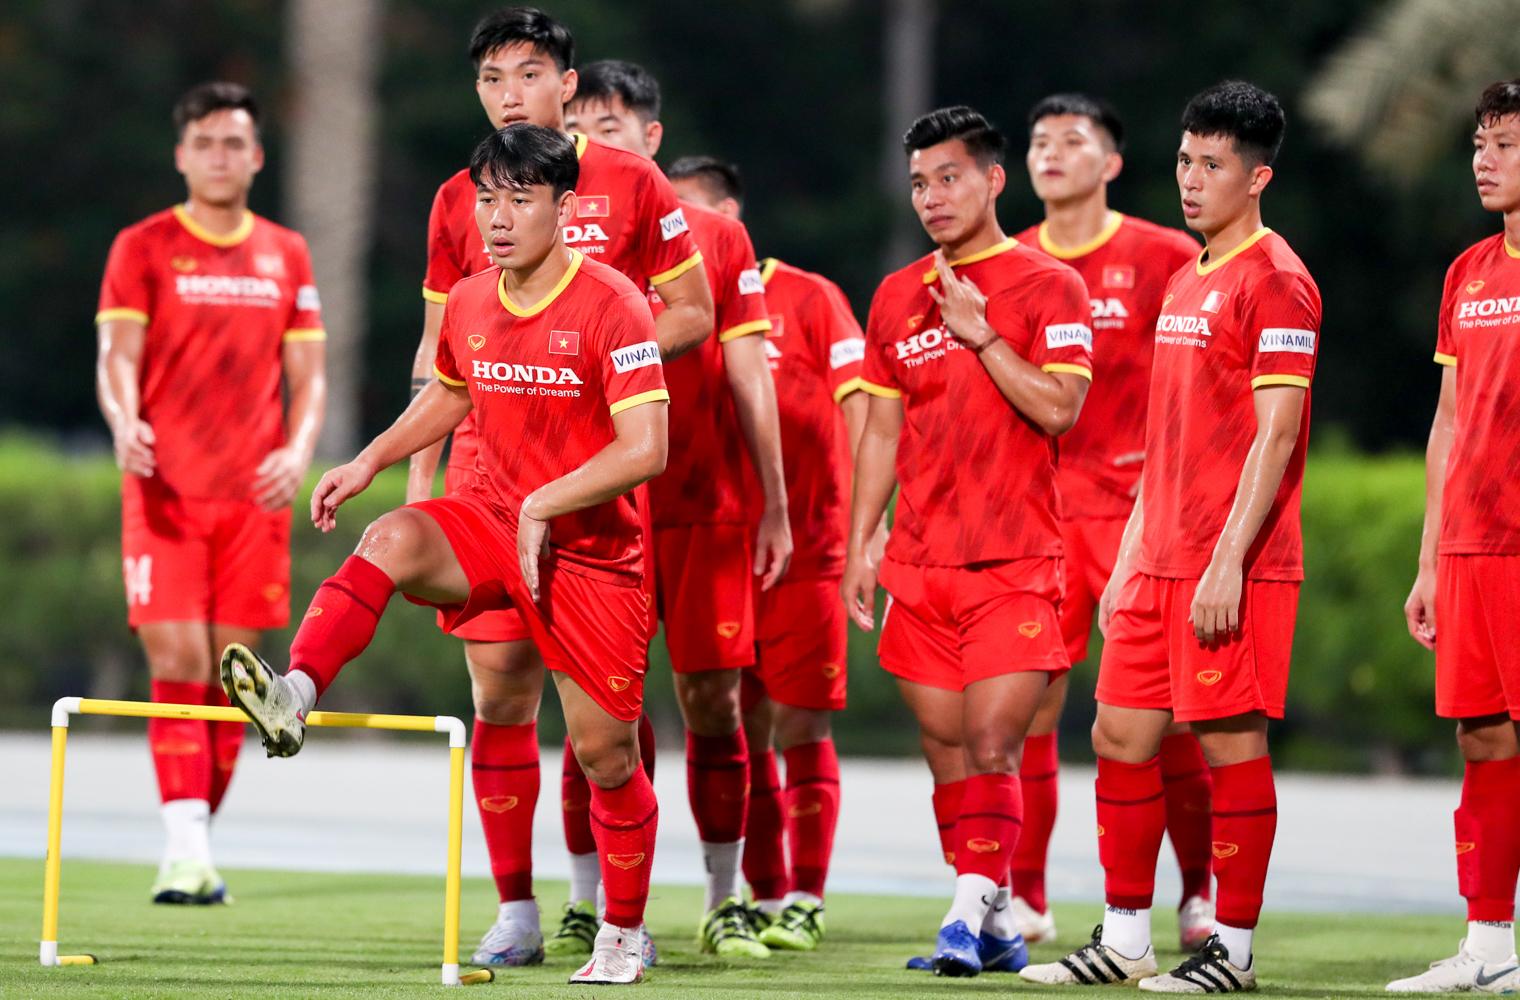 vtv6, vtv5, truc tiep bong da, trực tiếp bóng đá, Việt Nam vs Indonesia, lịch thi đấu vòng loại World Cup 2022 khu vực châu Á, trực tiếp bóng đá hôm nay, VN vs Indo